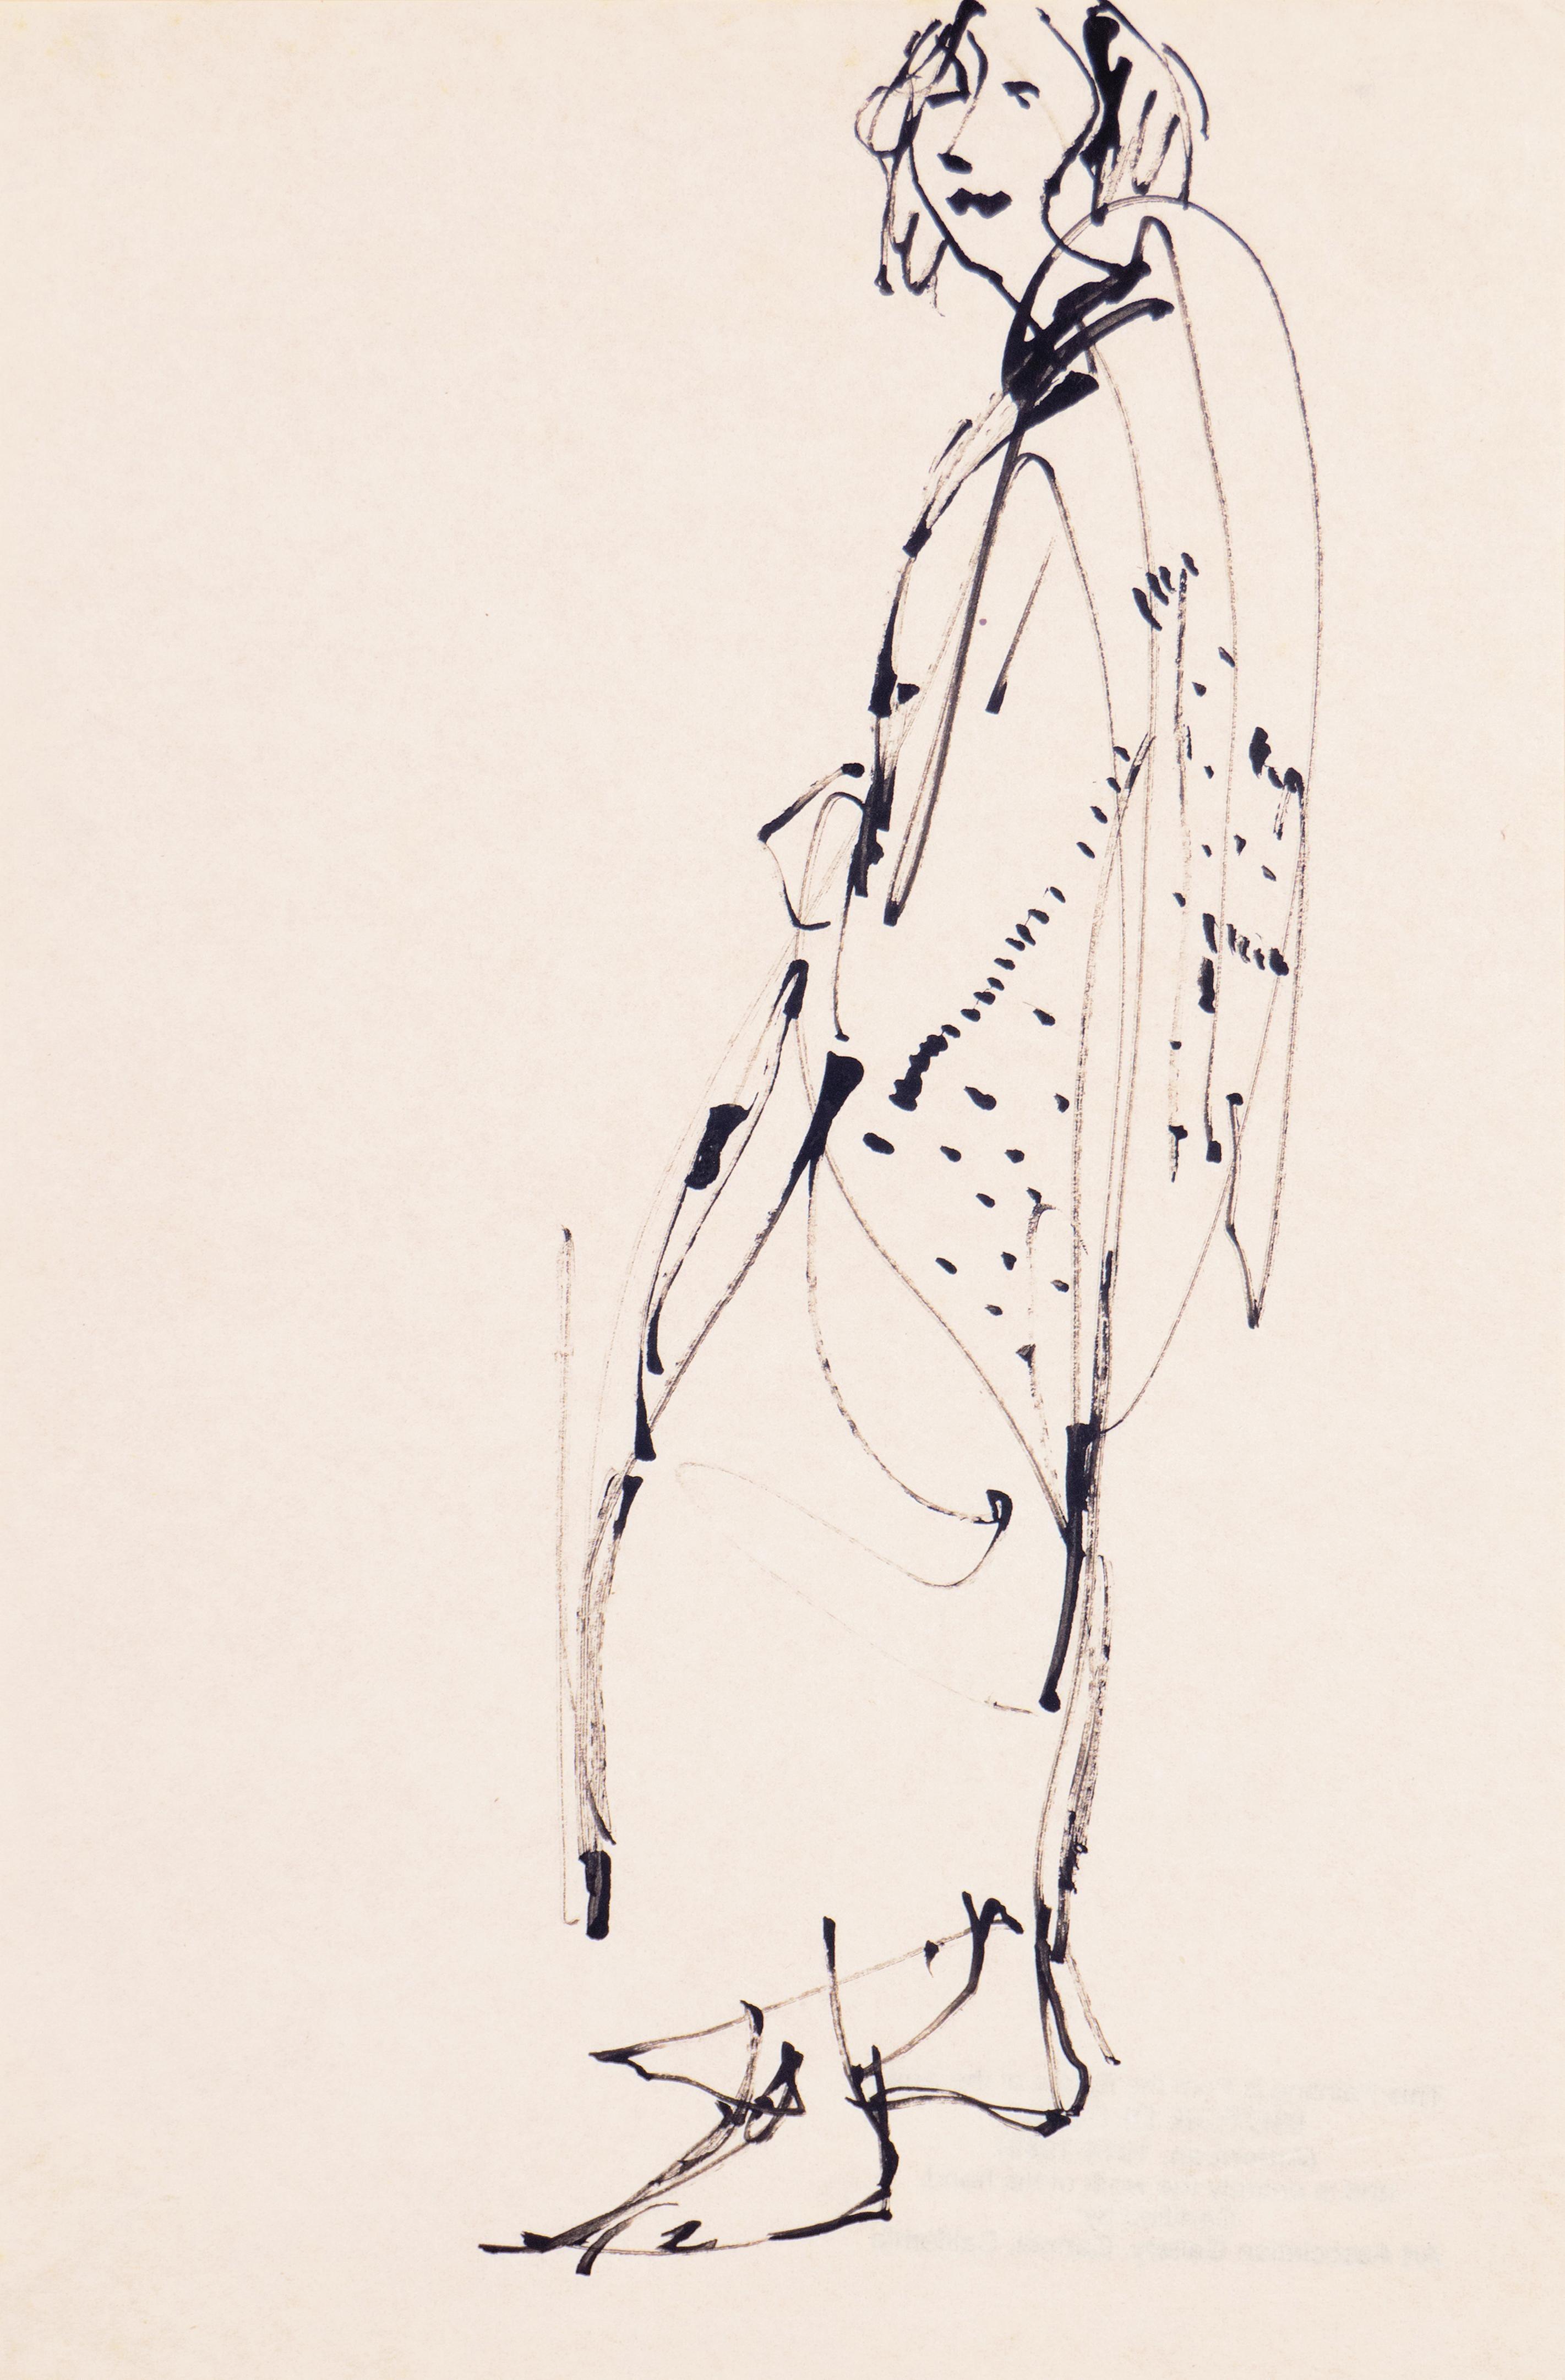 'Woman in a Kimono', Carmel, California, Louvre, Academie Chaumiere, SFAA, LACMA